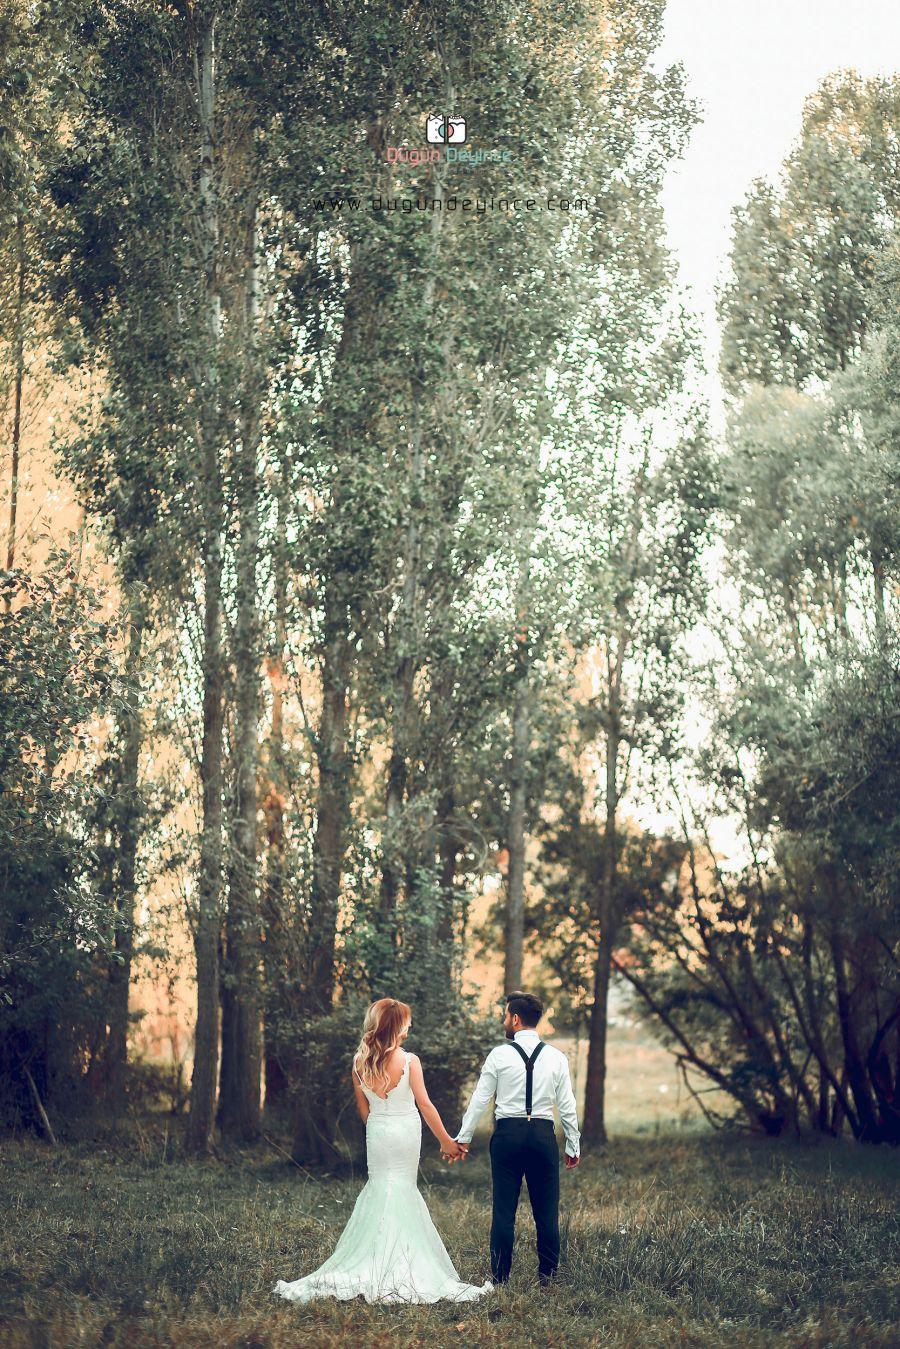 Kübra & Yunus